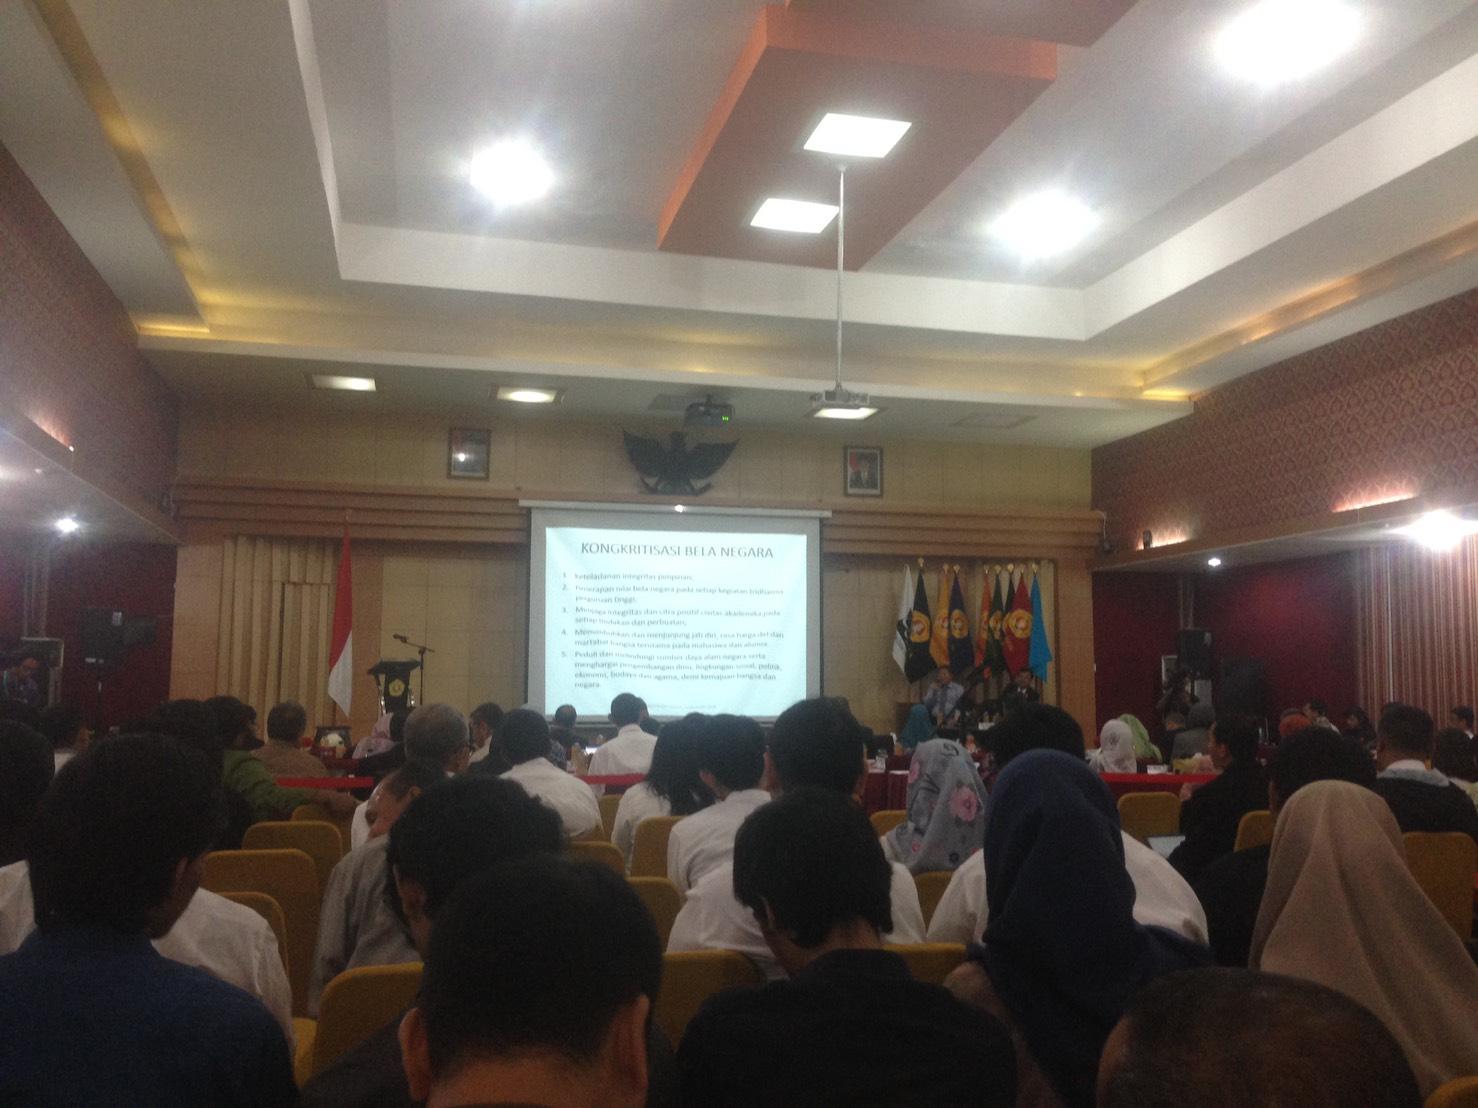 Calon Rektor UPNVJ Taufiqurrohman: Misinya Dalam Mensejahterahkan Mahasiswa